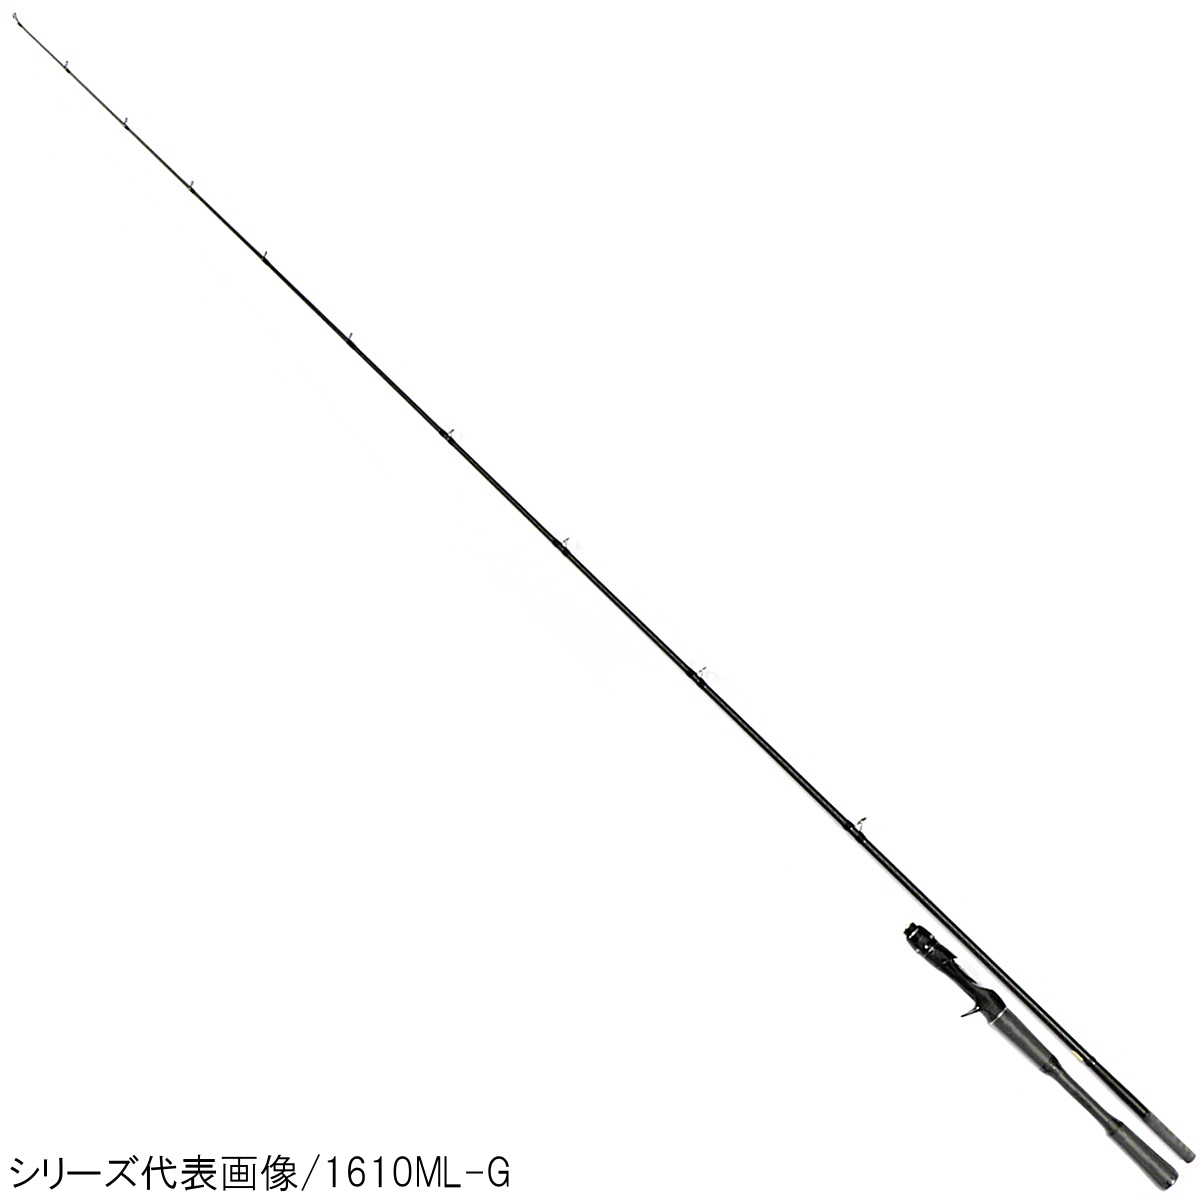 シマノ ポイズングロリアス XC 173MH-G【大型商品】